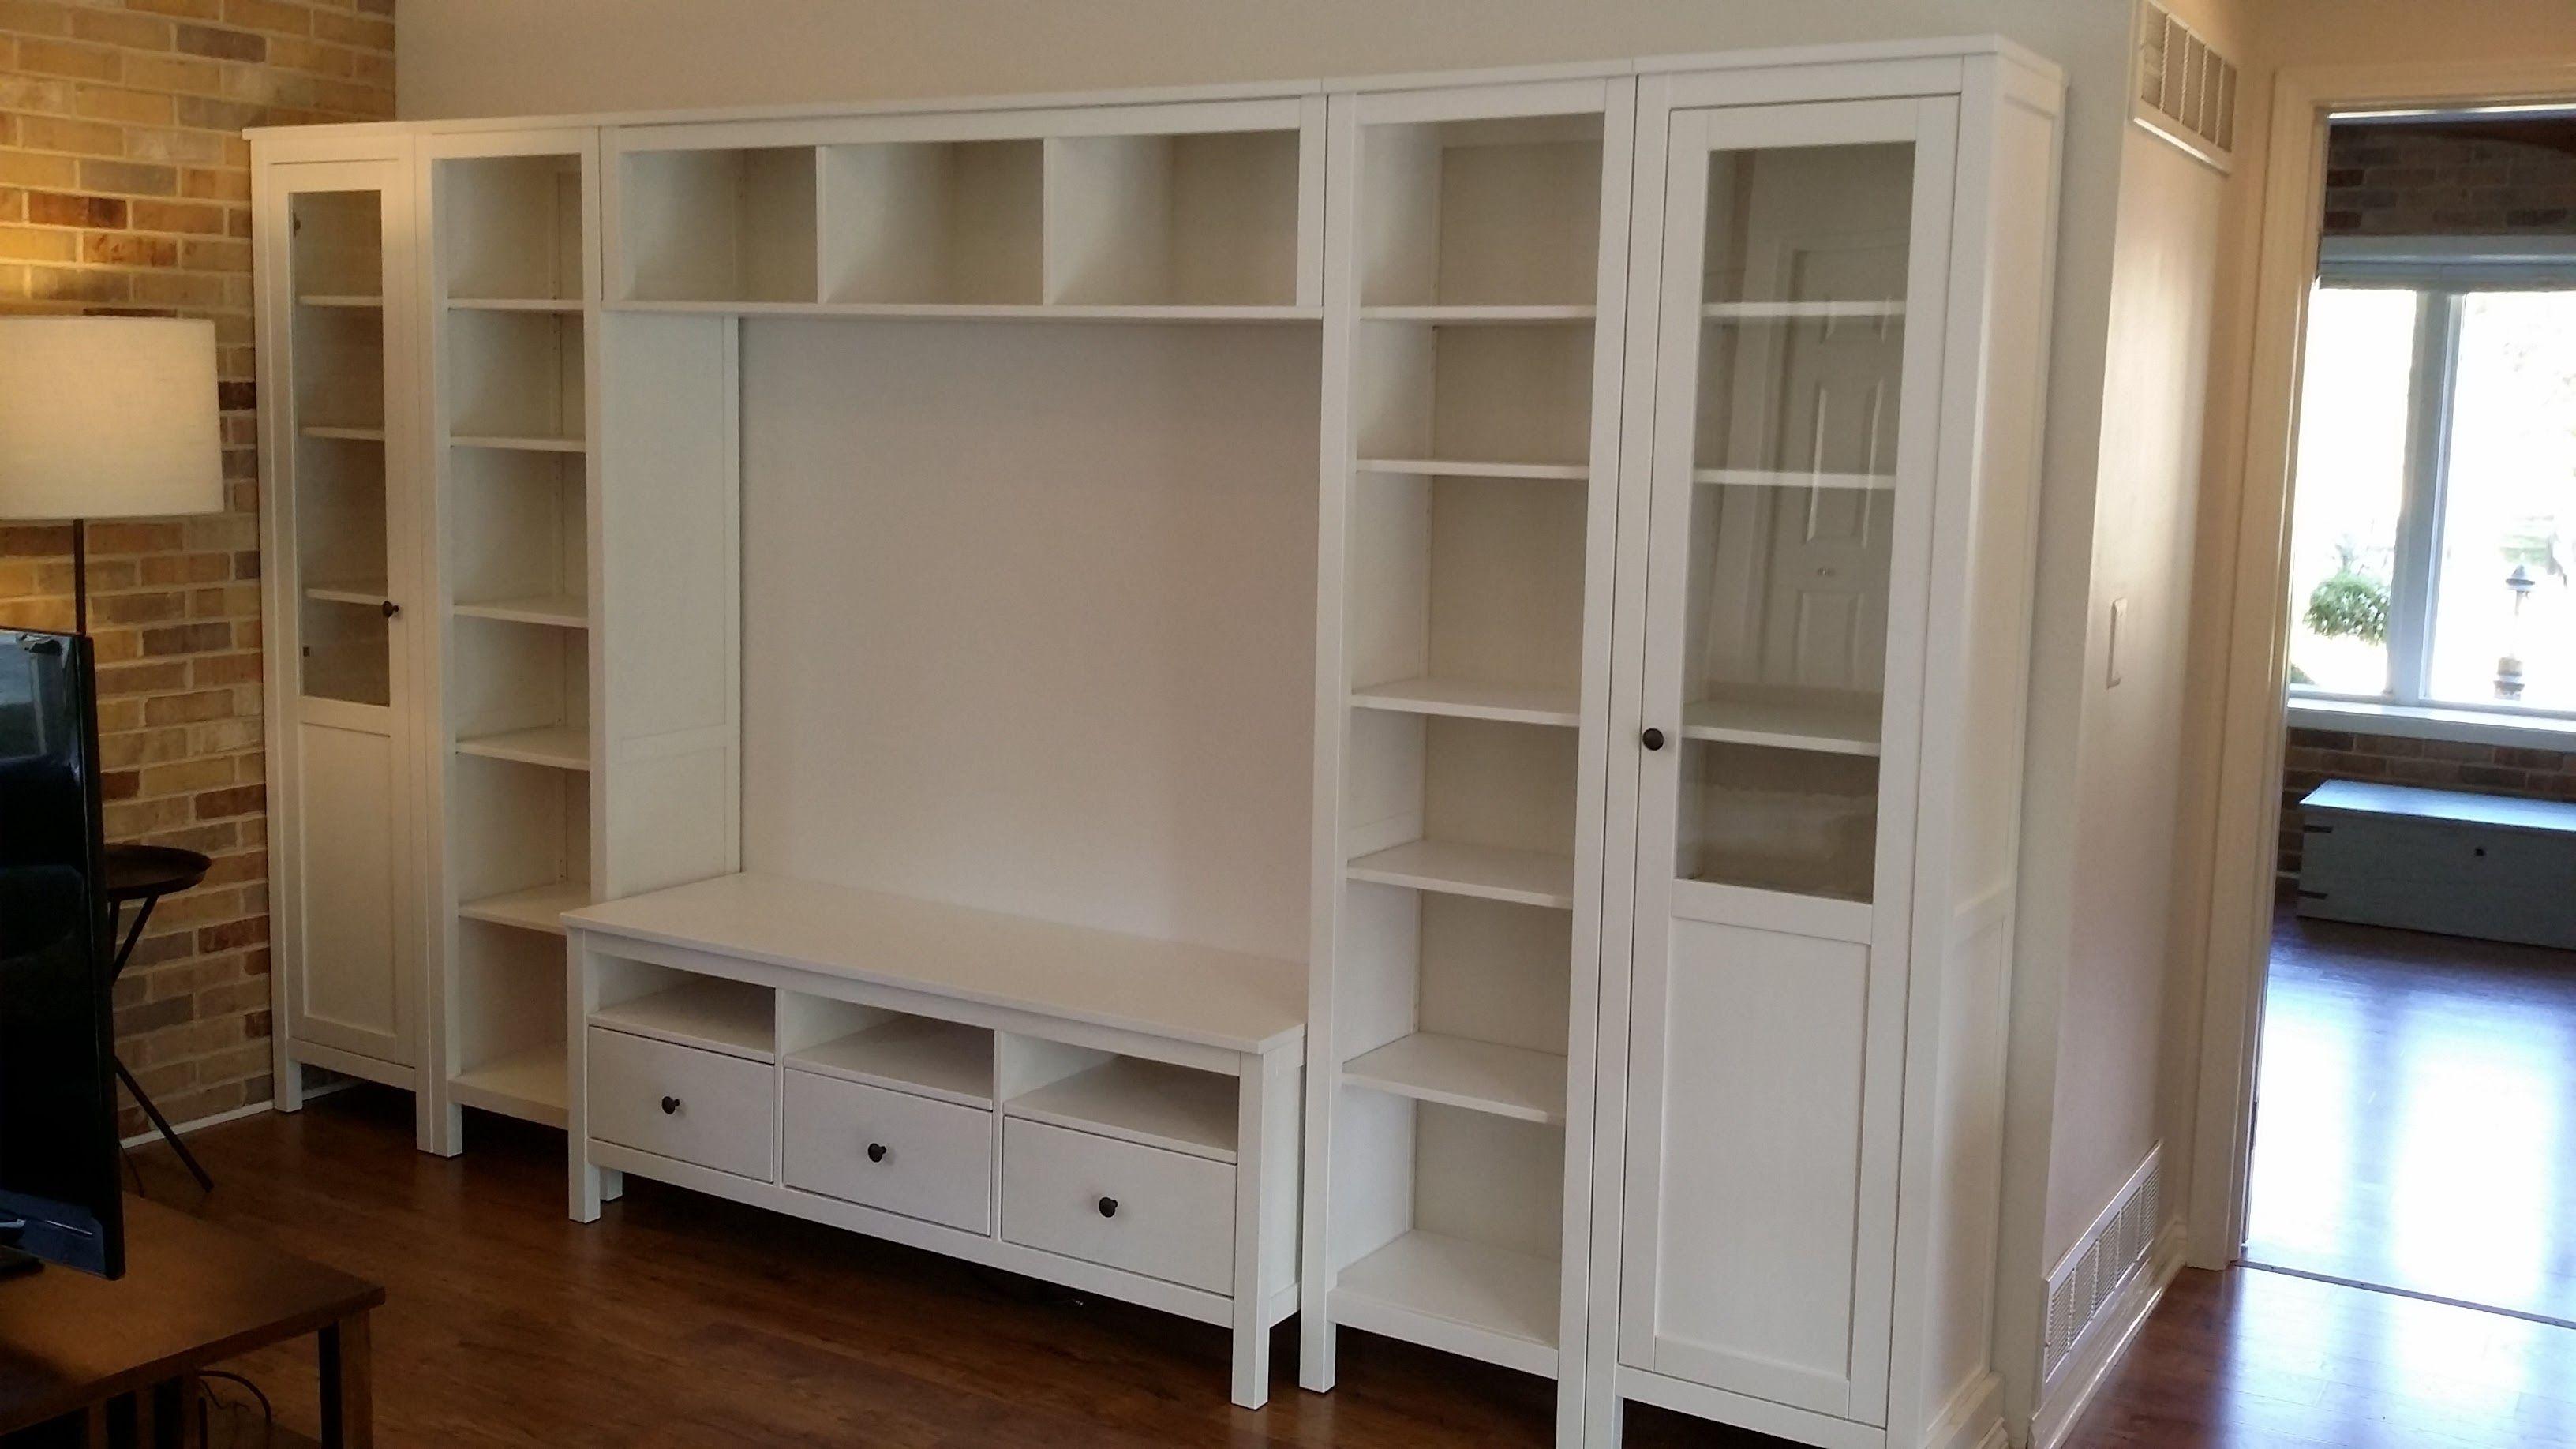 2 ikea hemnes cabinets with panelglass door 1 on each